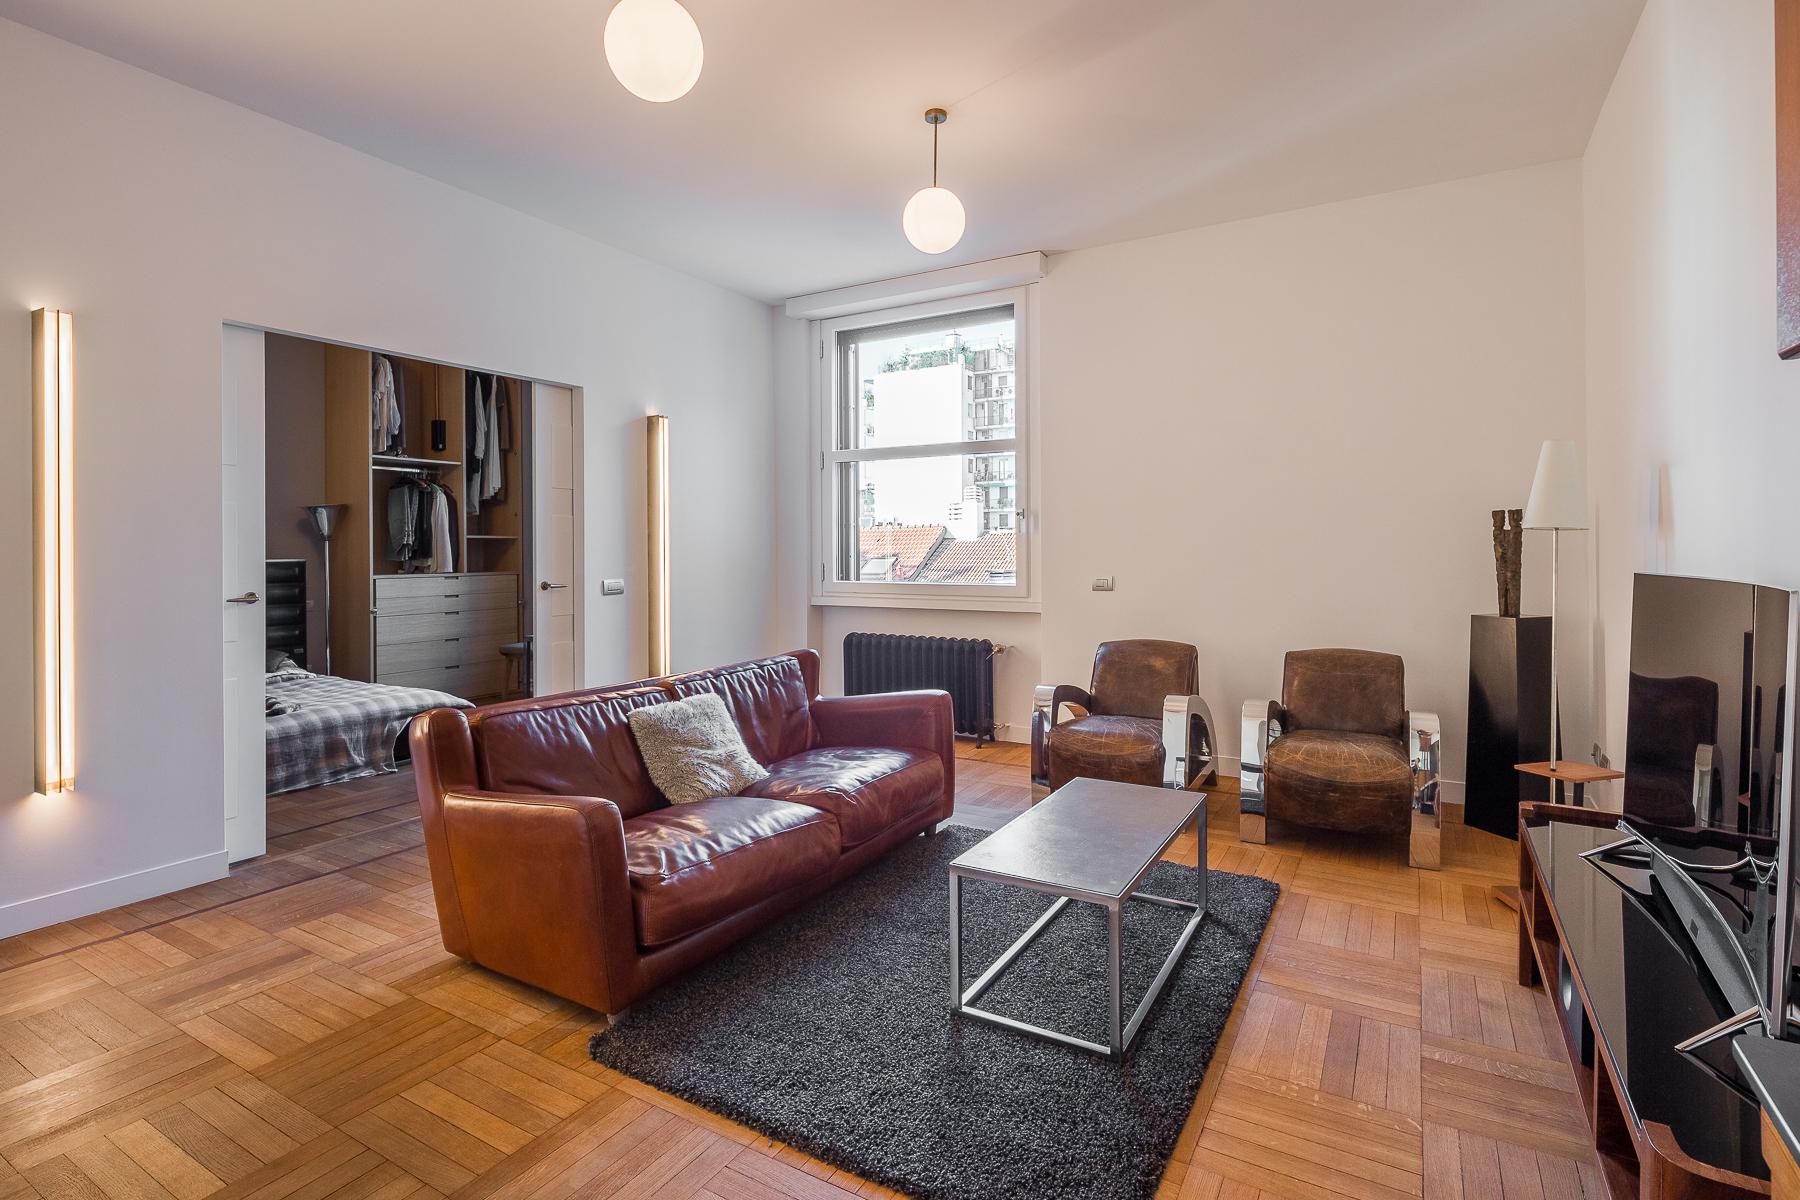 Appartamento in Vendita a Milano: 4 locali, 150 mq - Foto 2